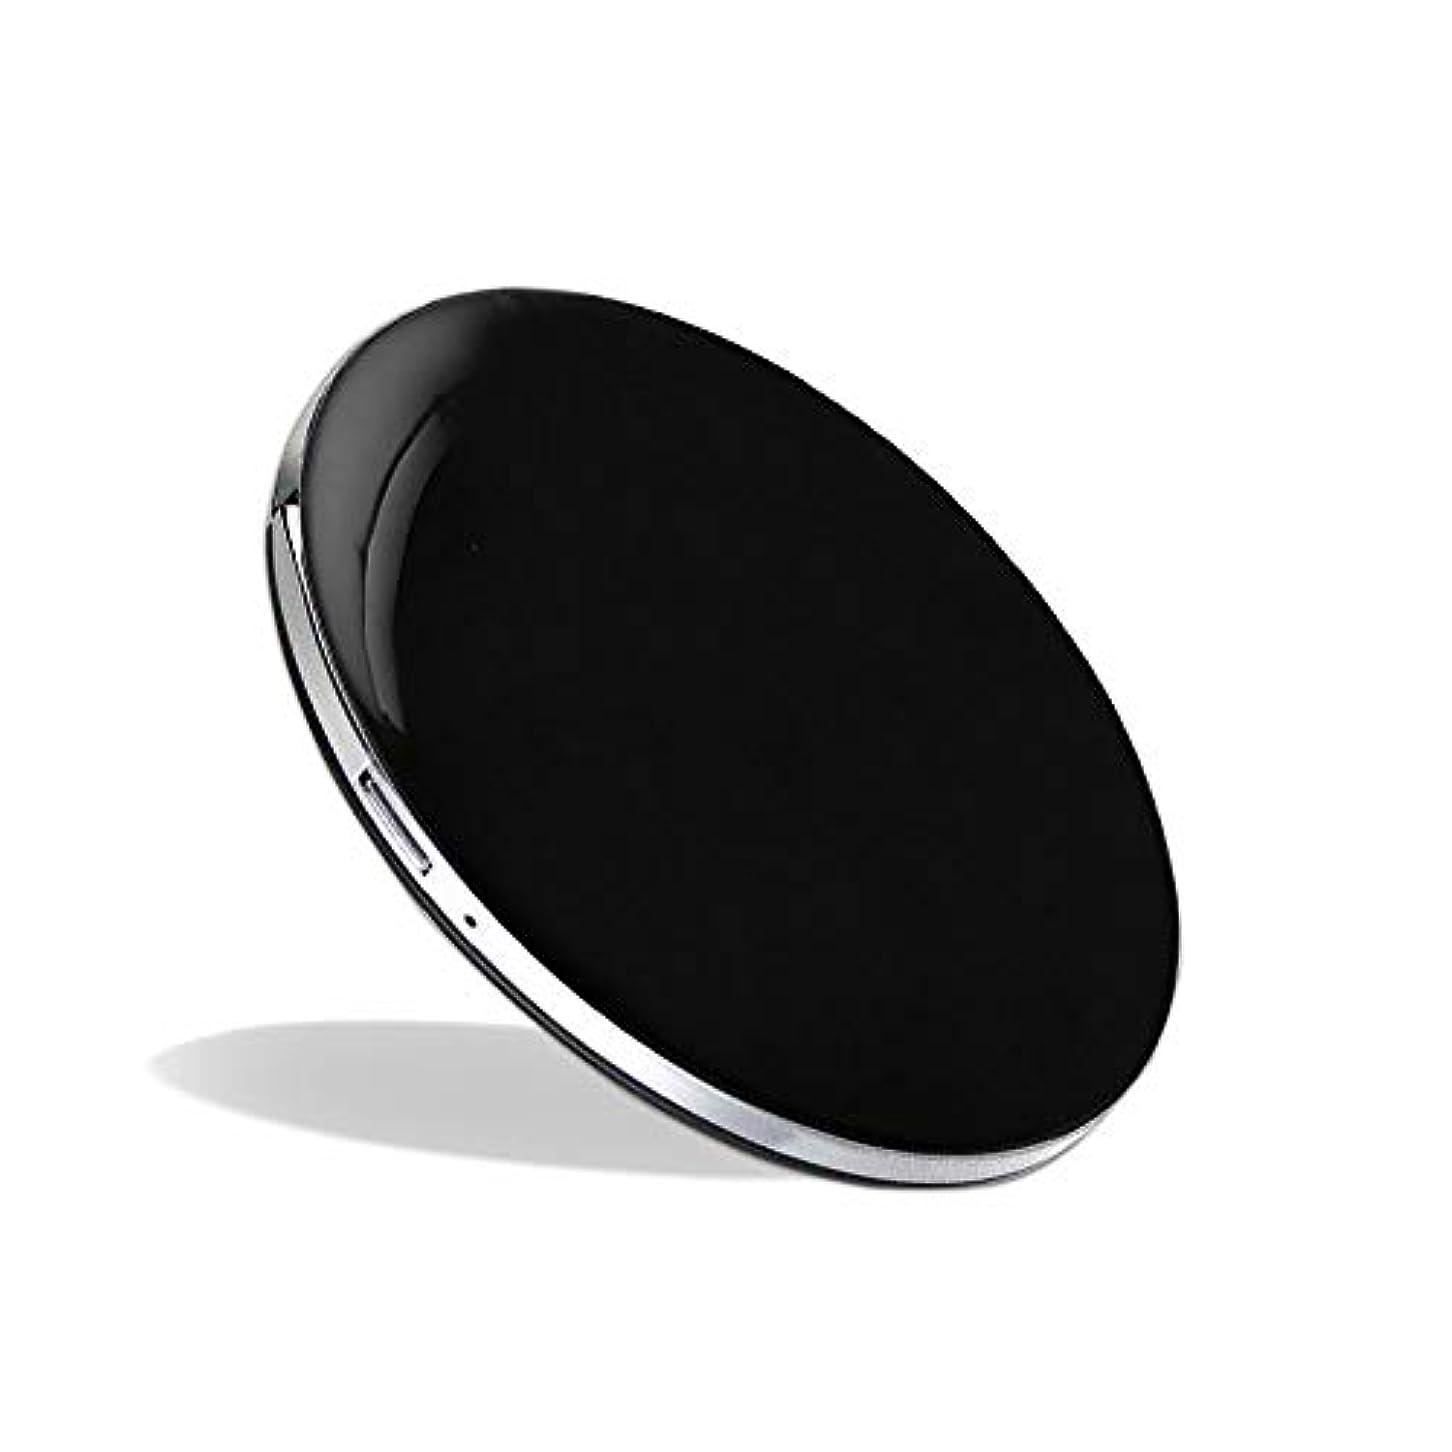 に負ける永久手足化粧鏡 LEDミラー コンパクトミラー ハンドミラー 円形ミラー 折りたたみ式 持ち運び便利 usb充電 軽量 3倍拡大鏡 明るさ調節可能 (ブラック)